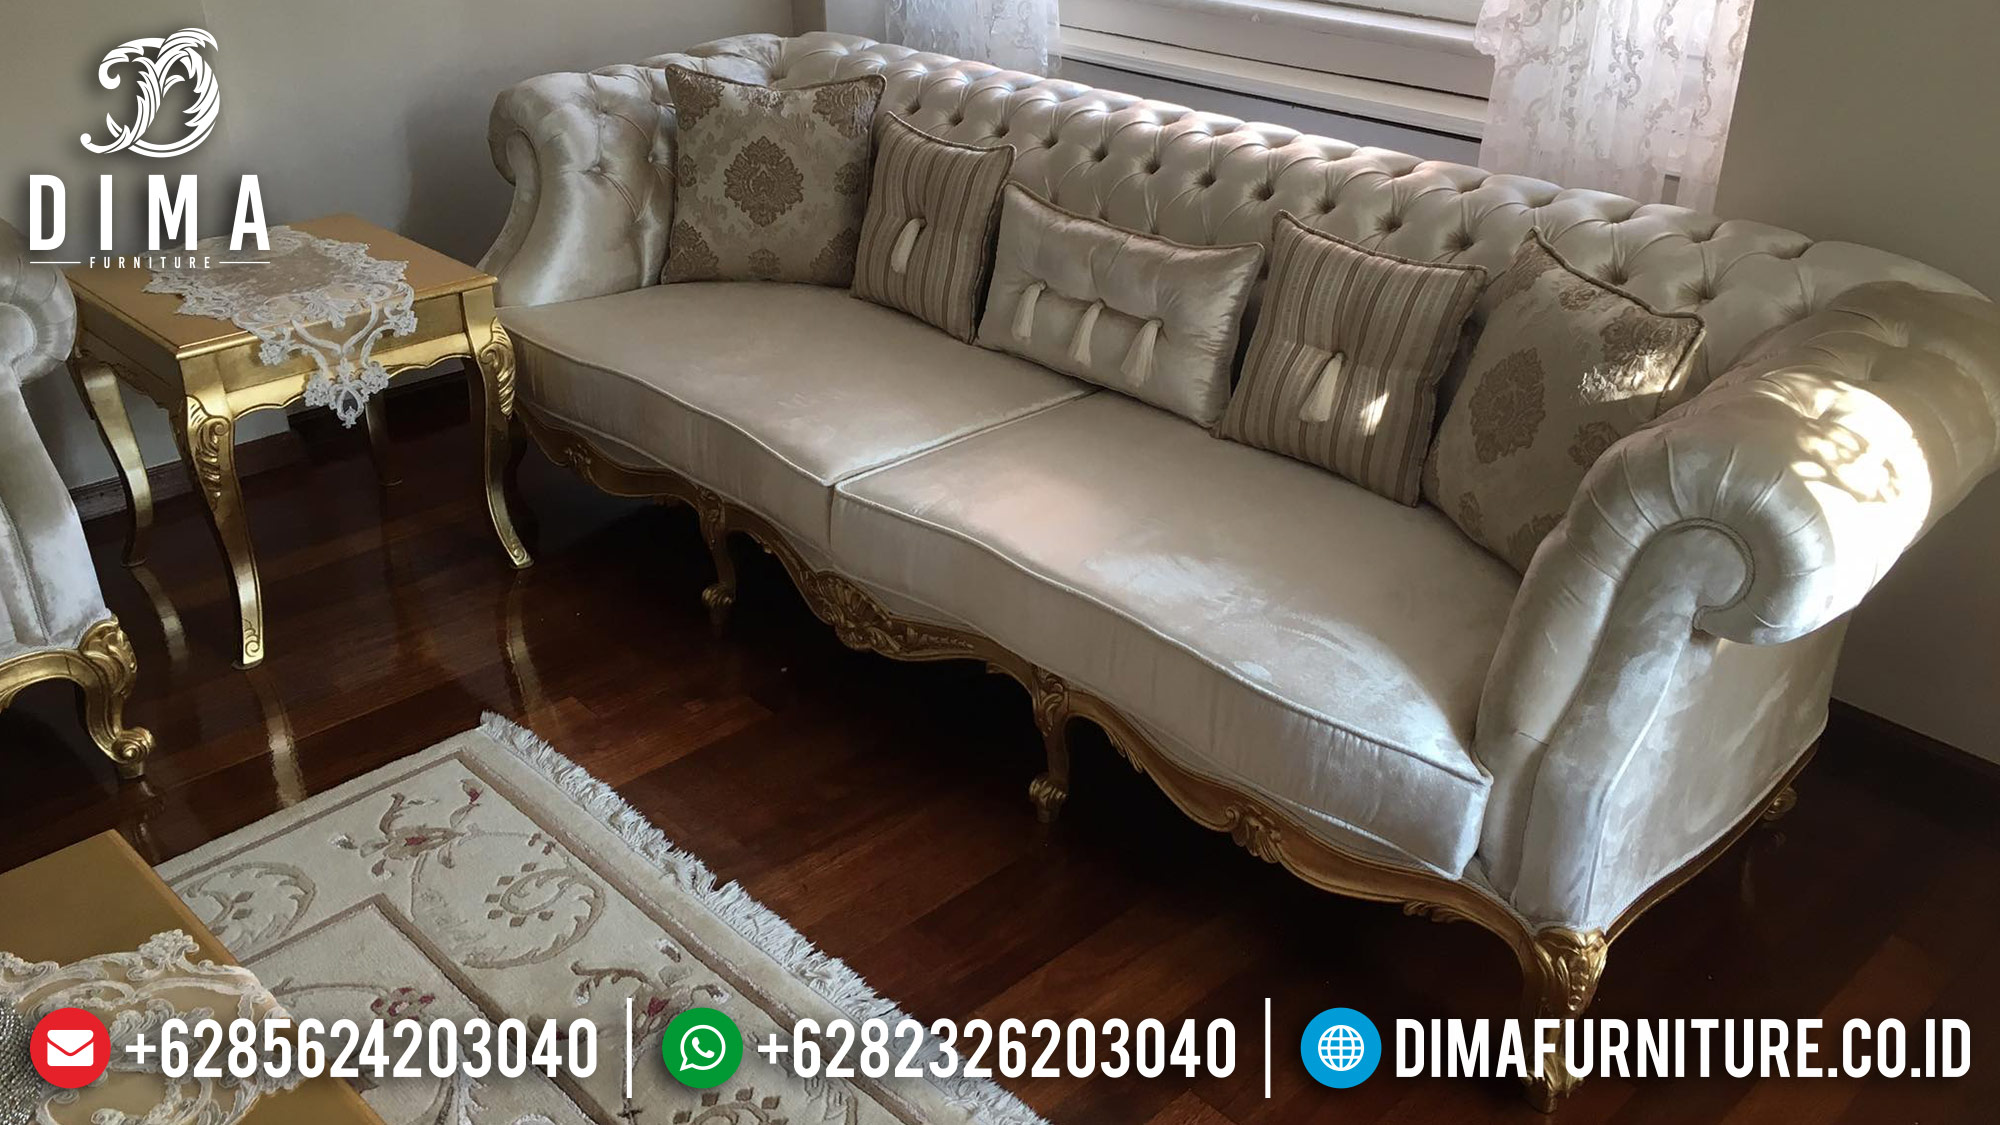 Mebel Jepara Set Kursi Sofa Tamu Mewah Luxury Arabian MM-0258 Gambar 2